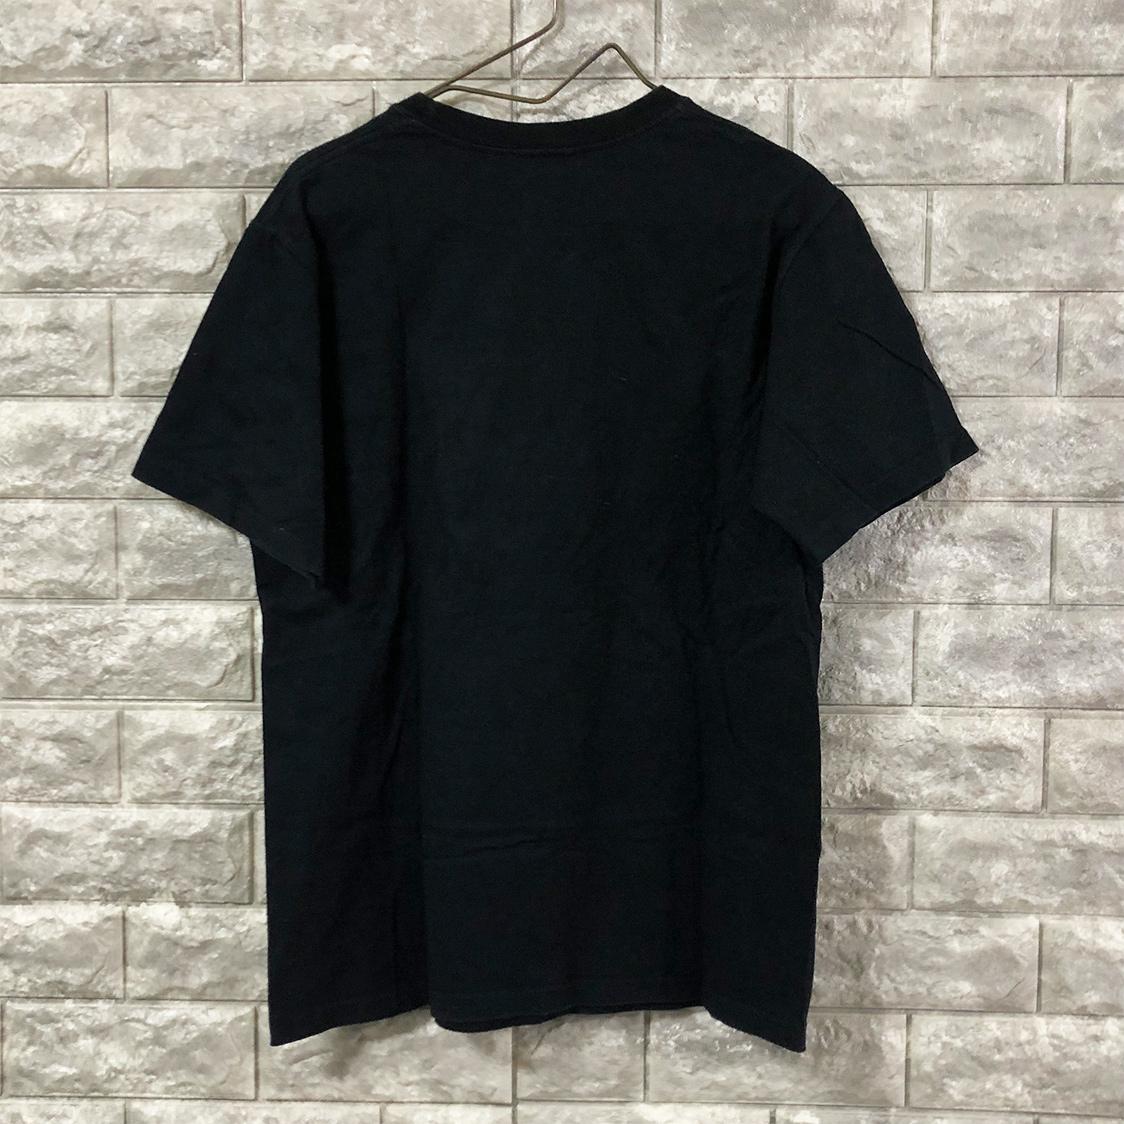 WTAPS ダブルタップス 【Mサイズ】 半袖 Tシャツ カットソー プリント I LOVE PUNKS